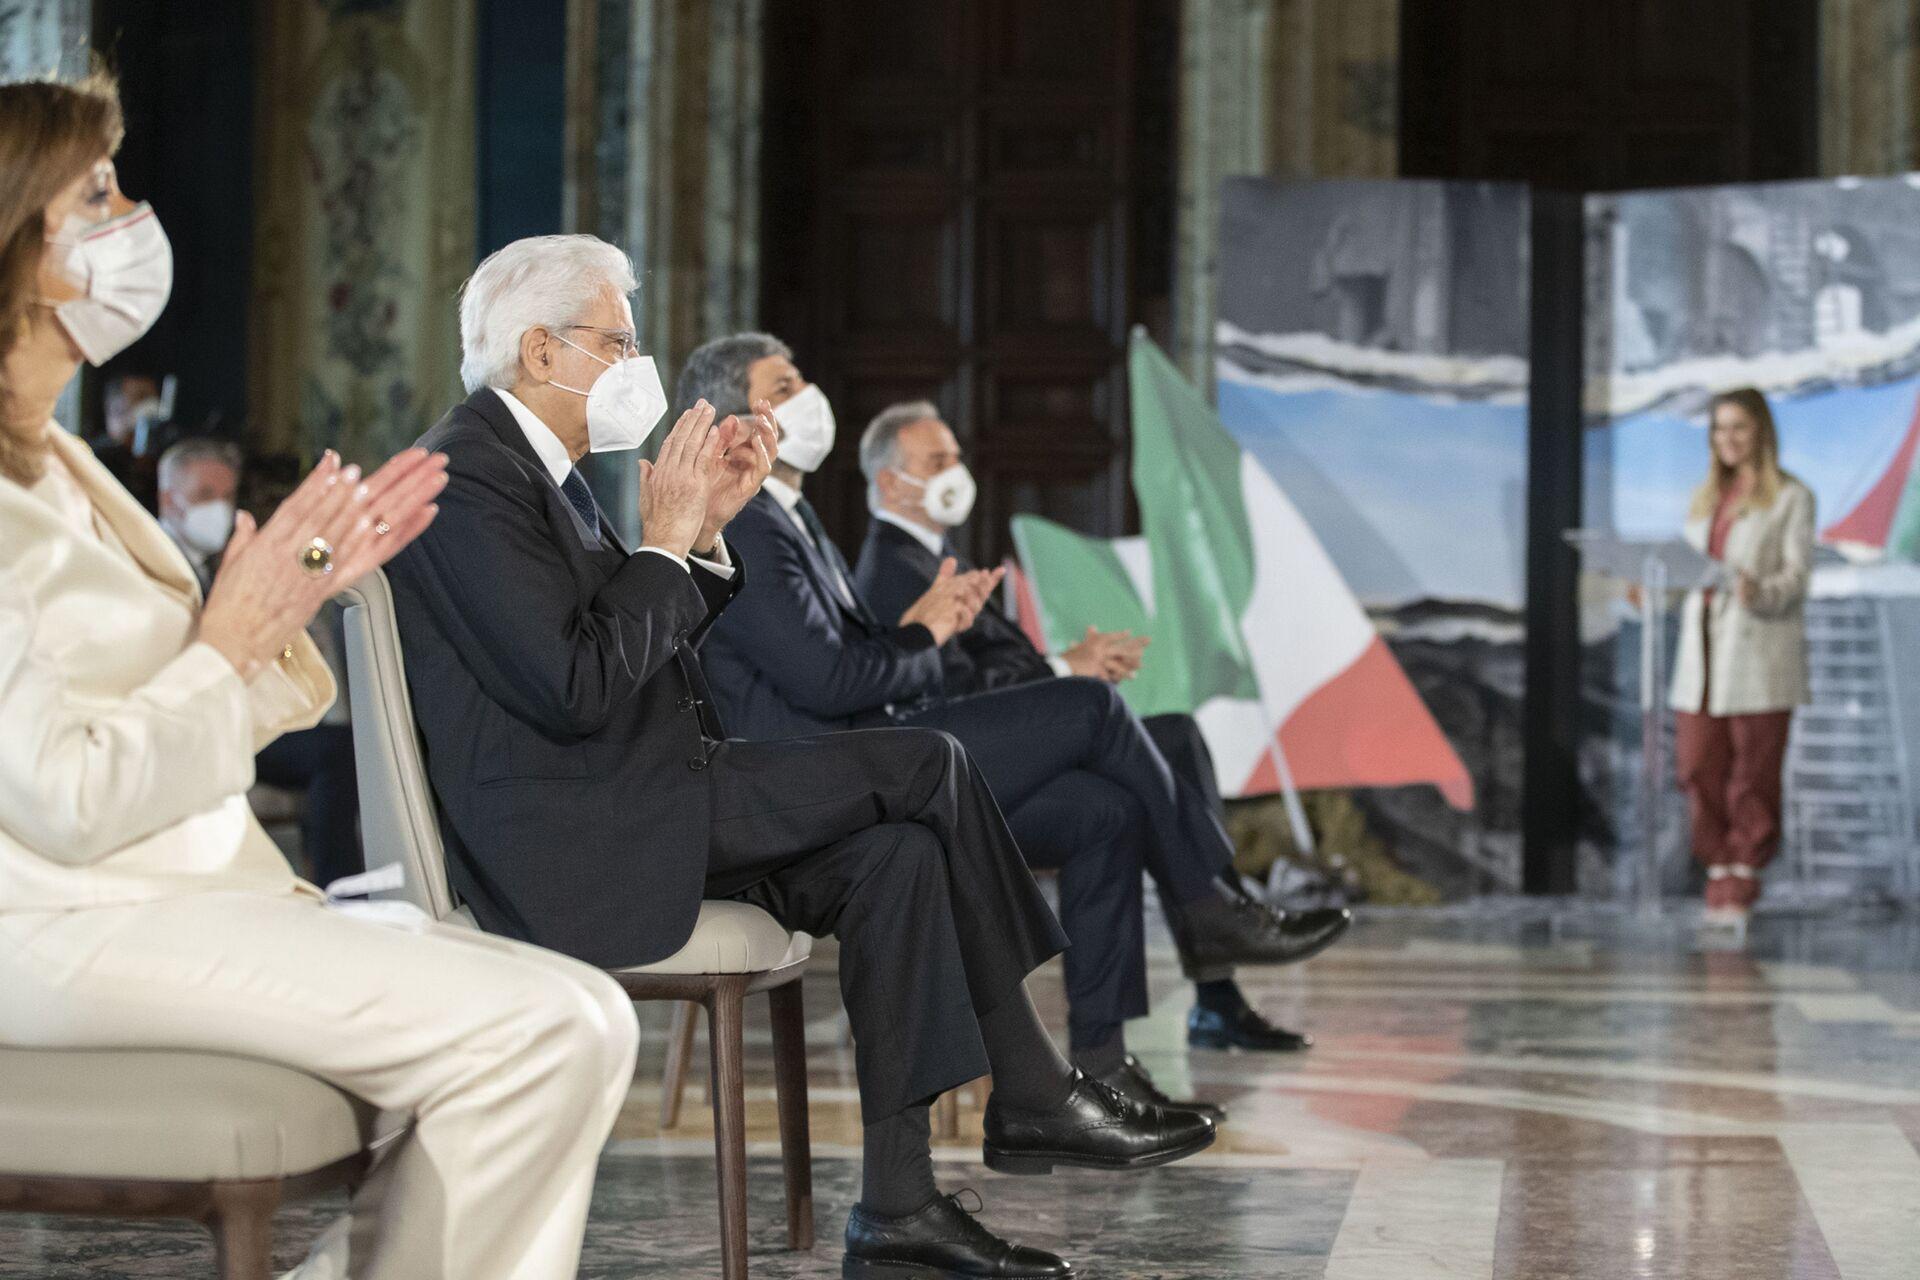 Il Presidente Sergio Mattarella durante la cerimonia in occasione del 76° anniversario della Liberazione - Sputnik Italia, 1920, 18.05.2021